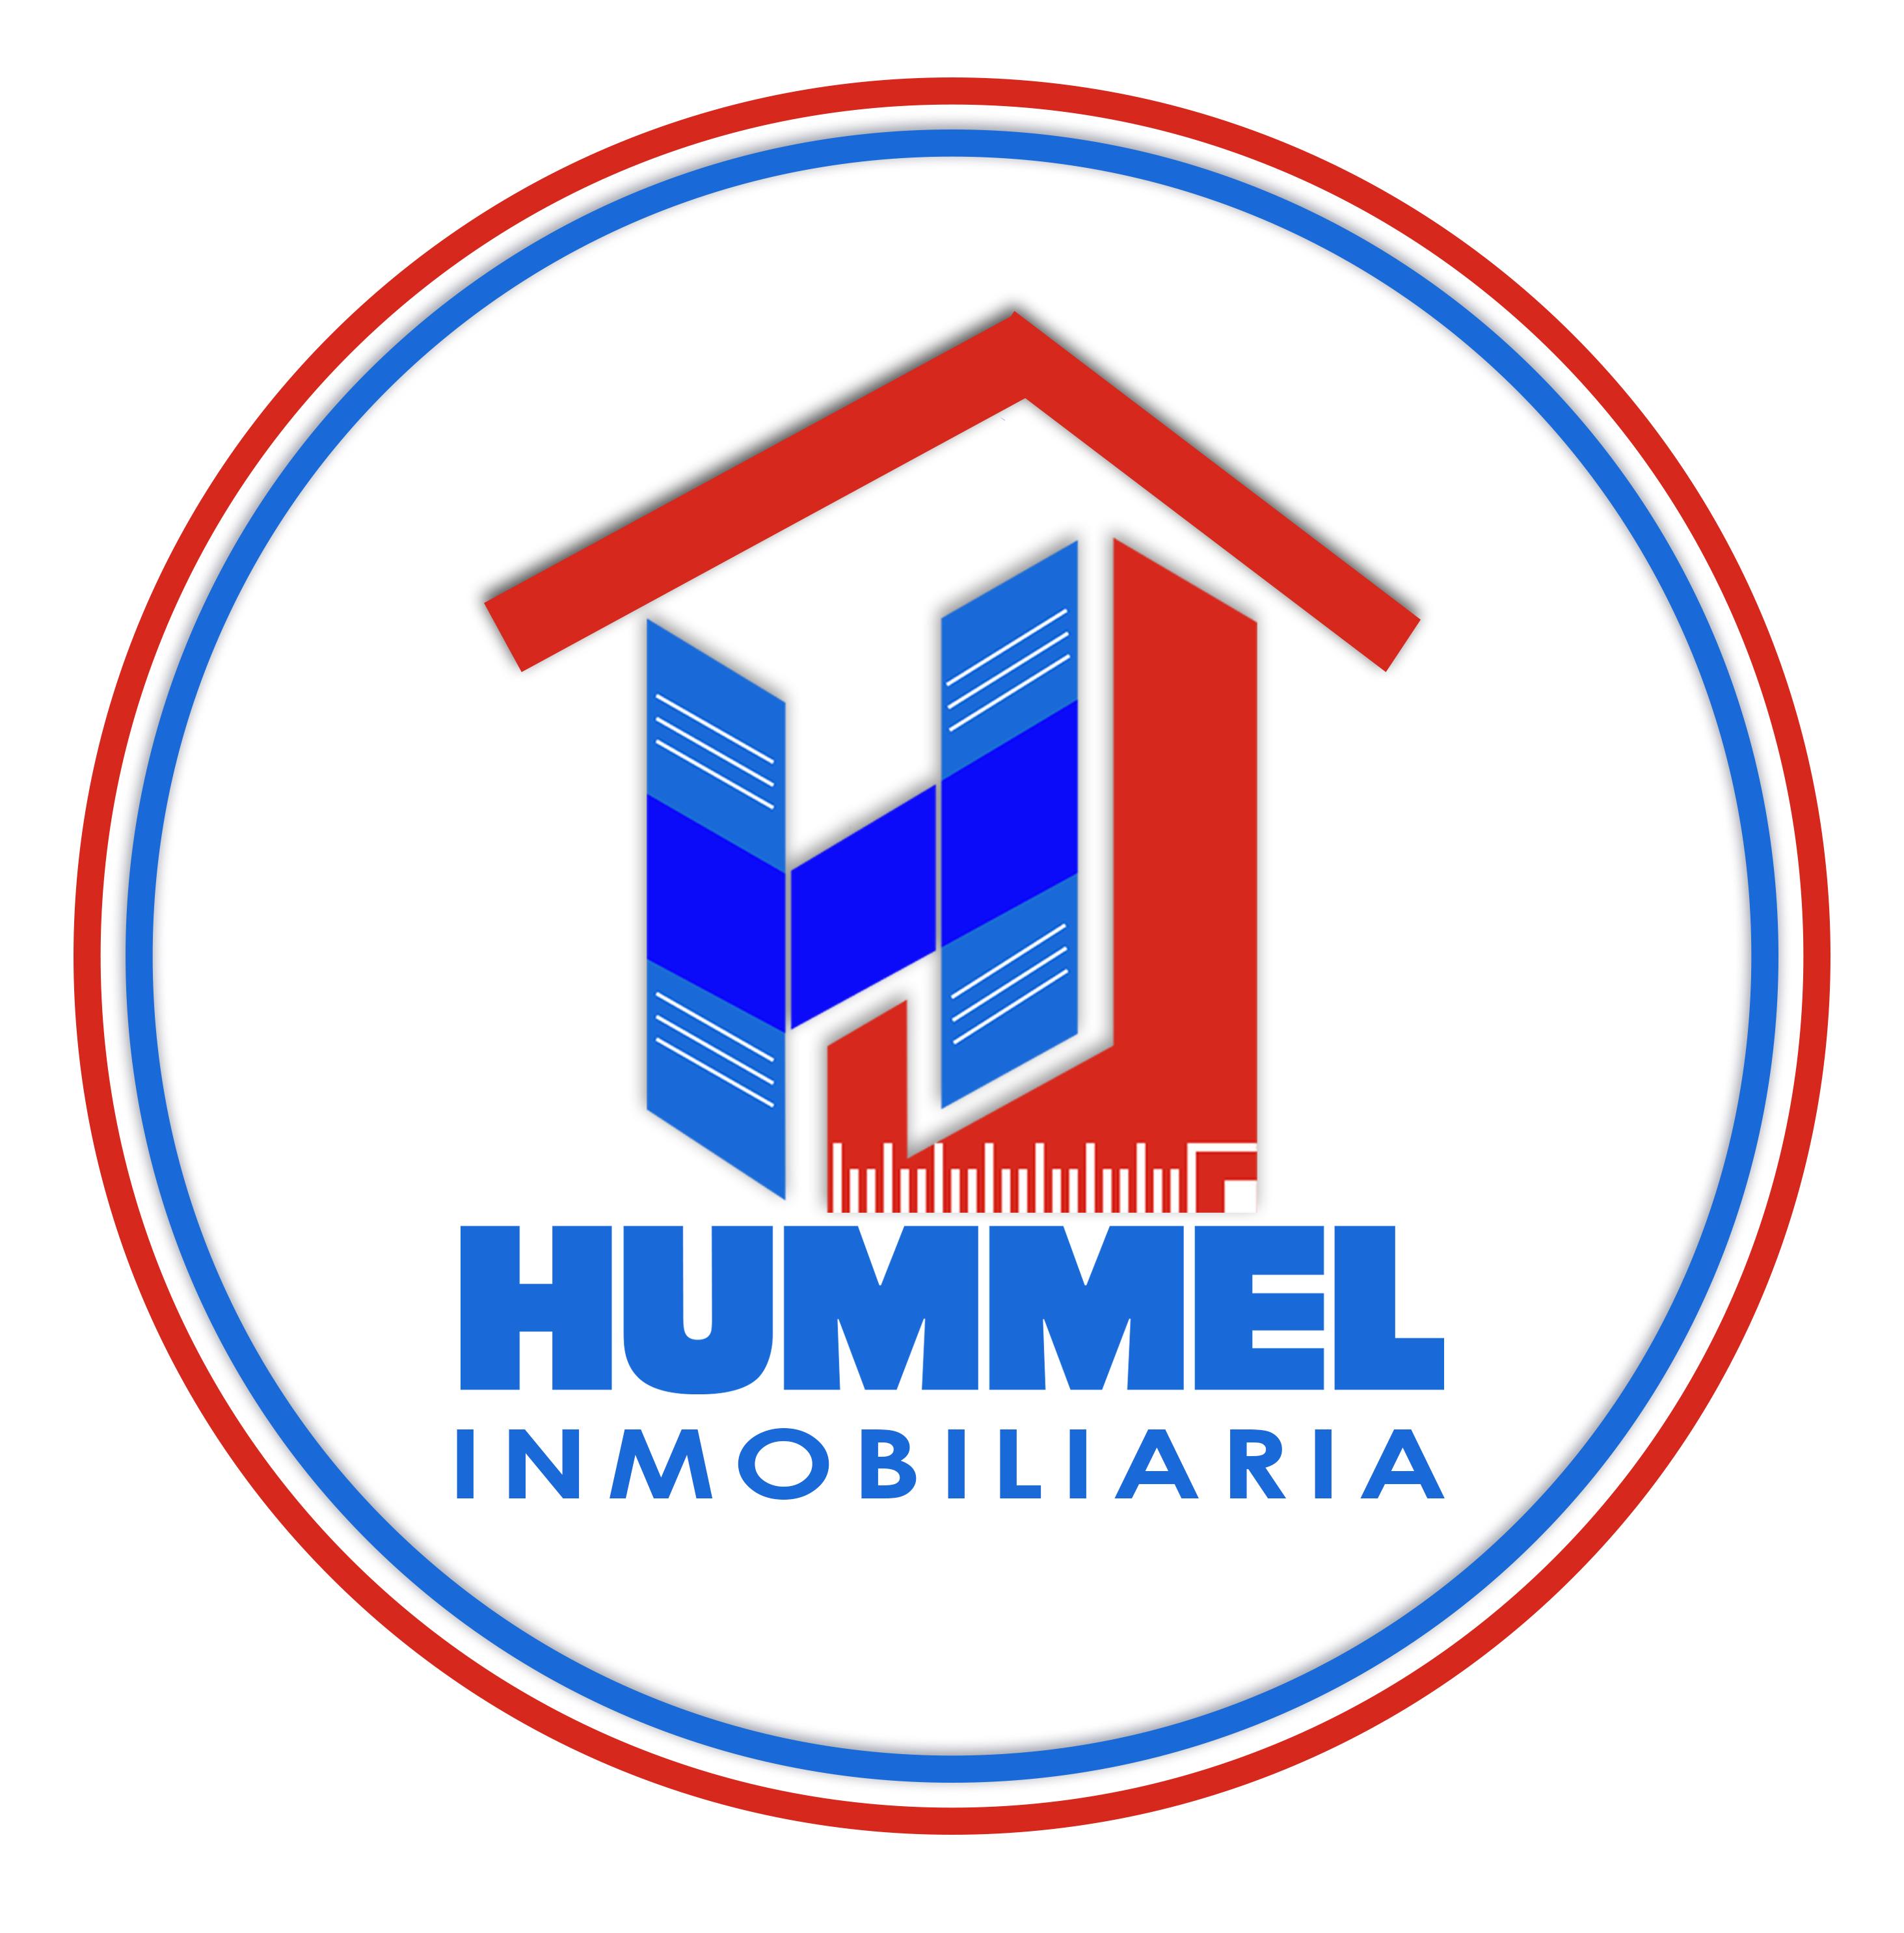 logo_hummel_Inmobiliaria001.jpg